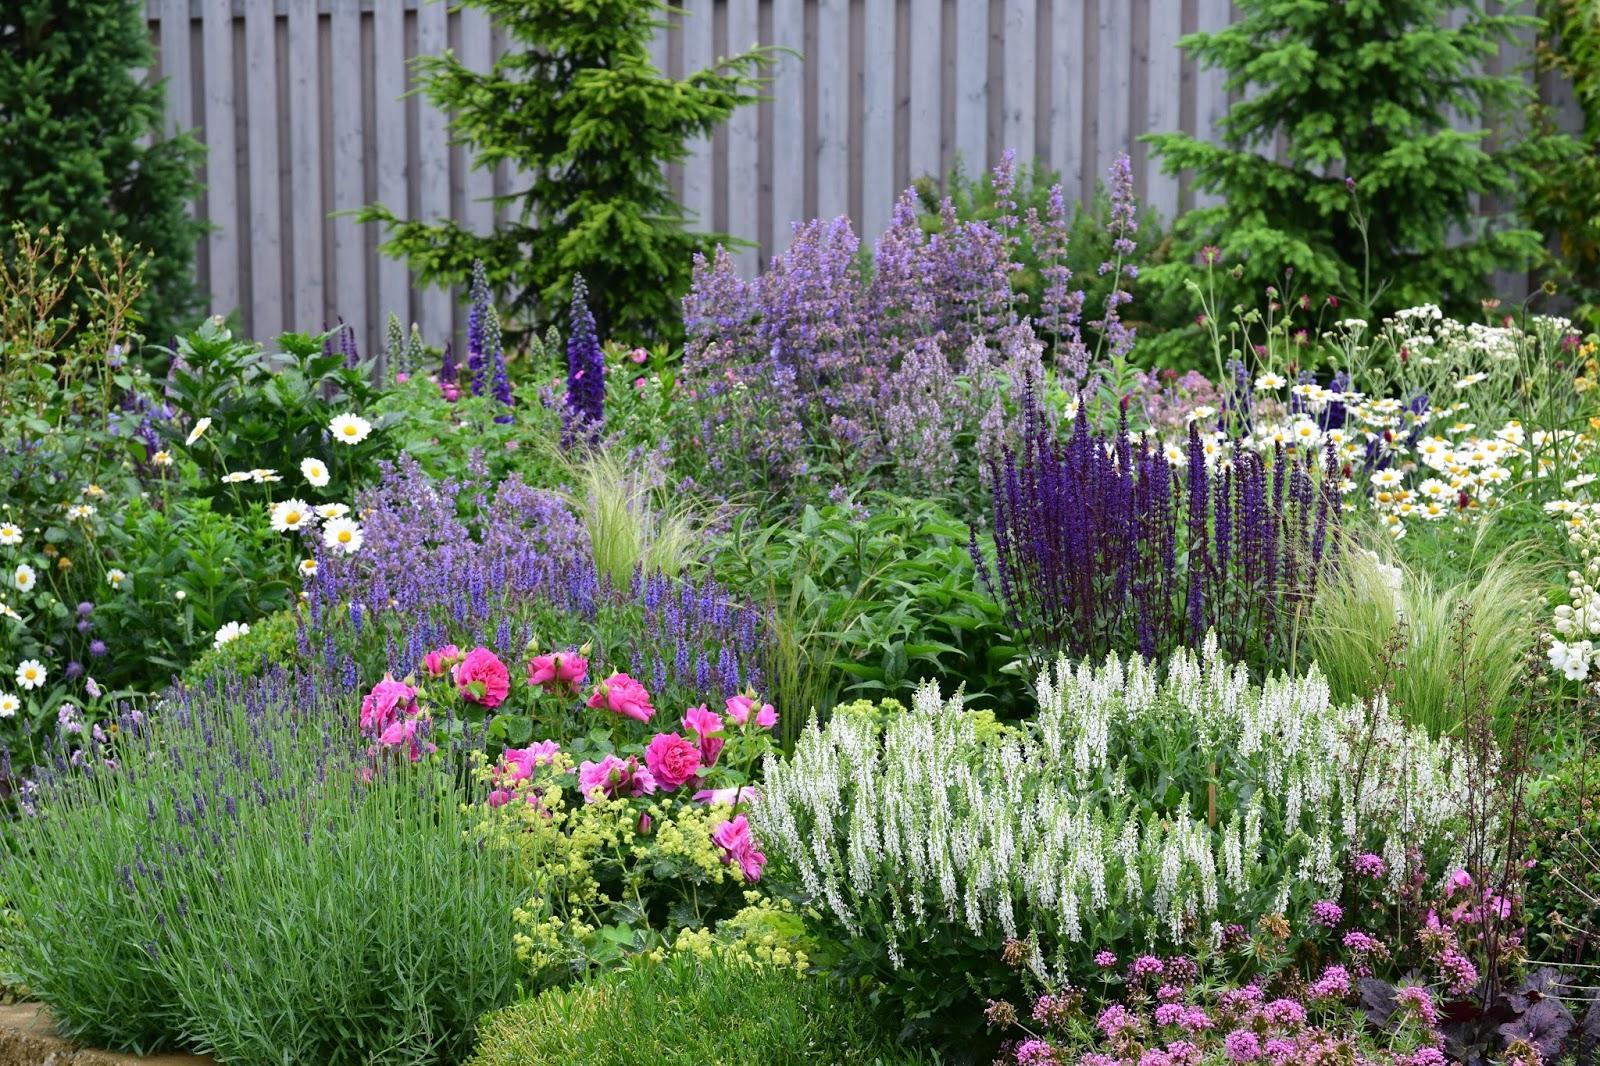 Nápady na zahradu - Obrázek č. 31